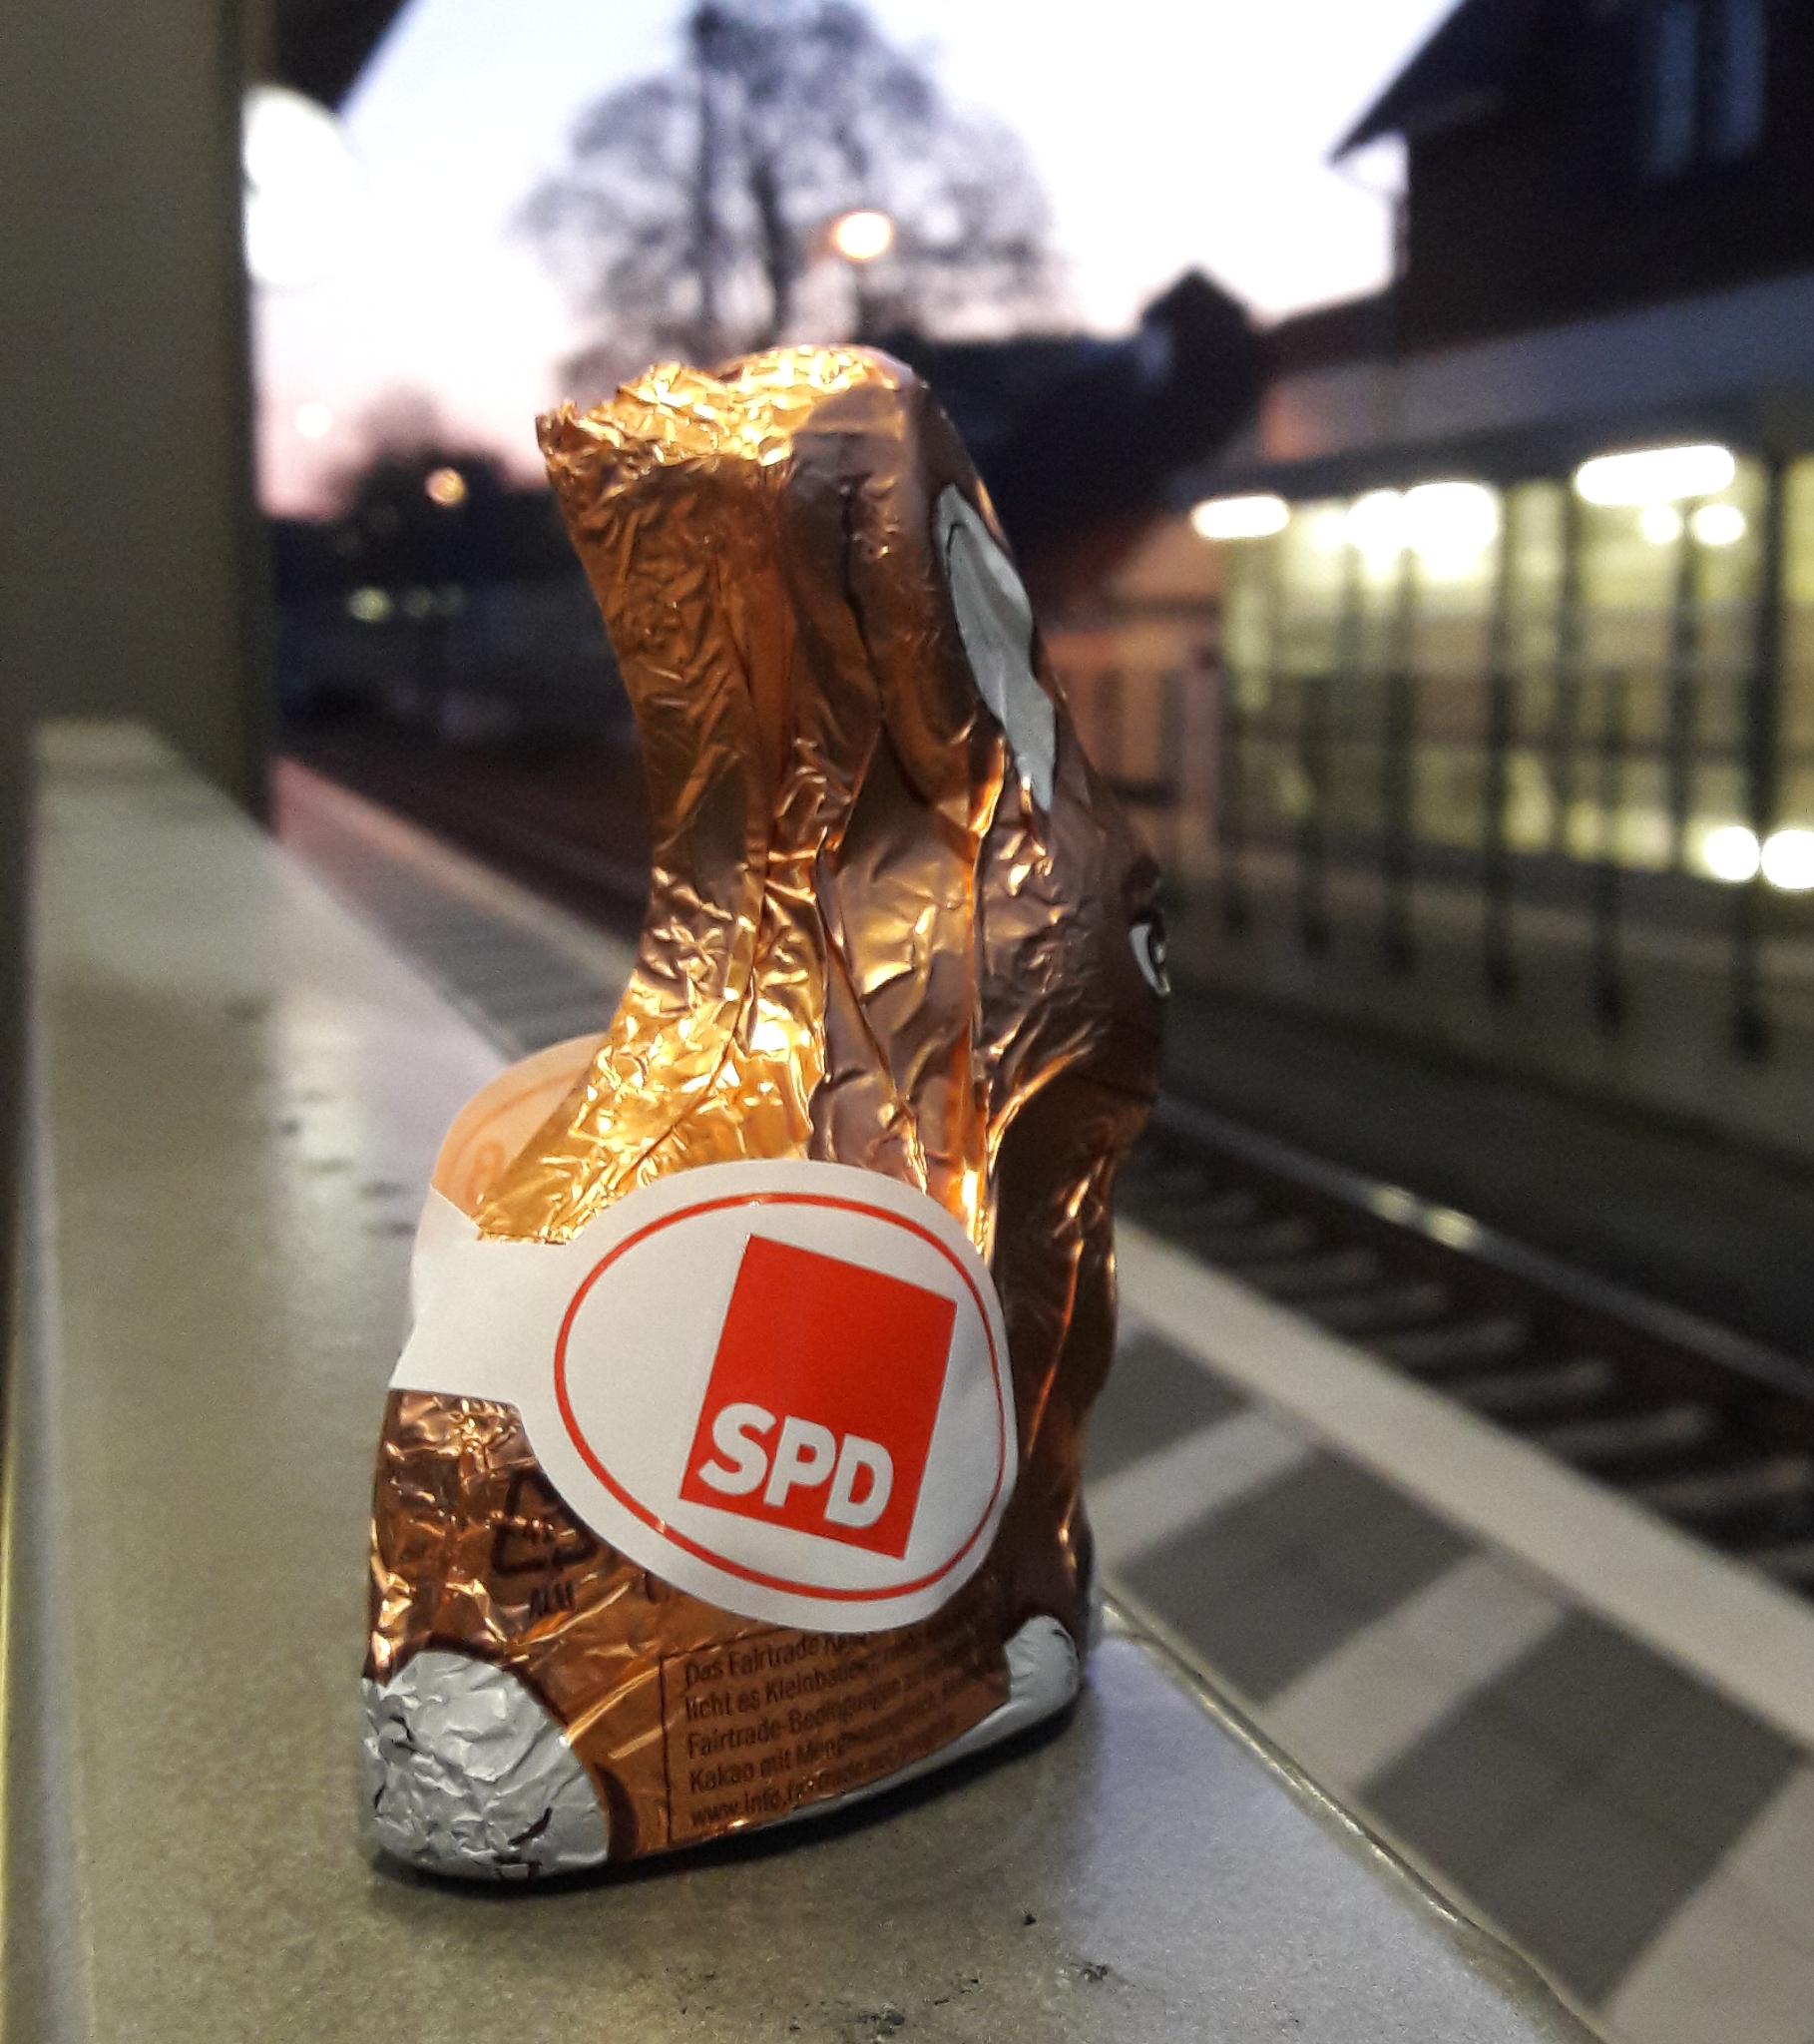 Osterhasenverteilung Bahnhof OHZ